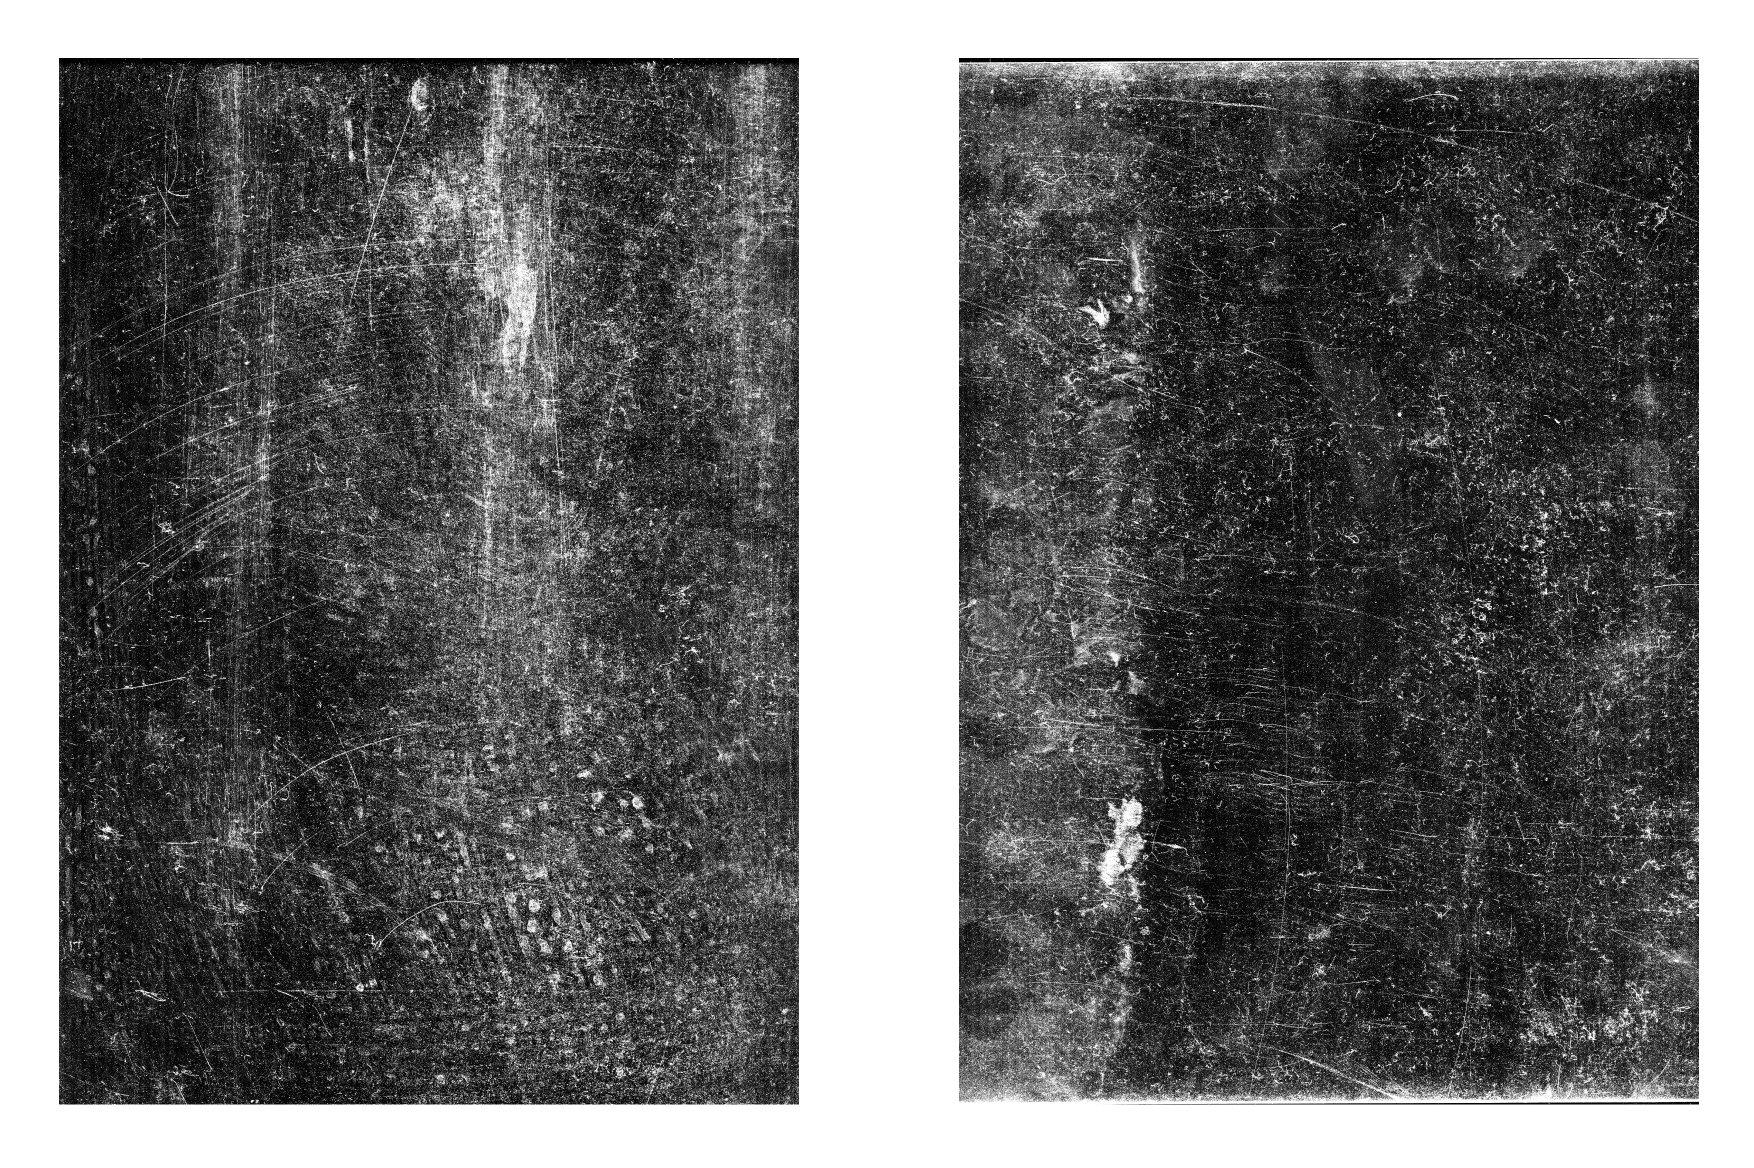 156款复古做旧折痕磨损褶皱纸张背景纹理素材合集 The Grunge Texture Bundle Vol. 1插图(49)